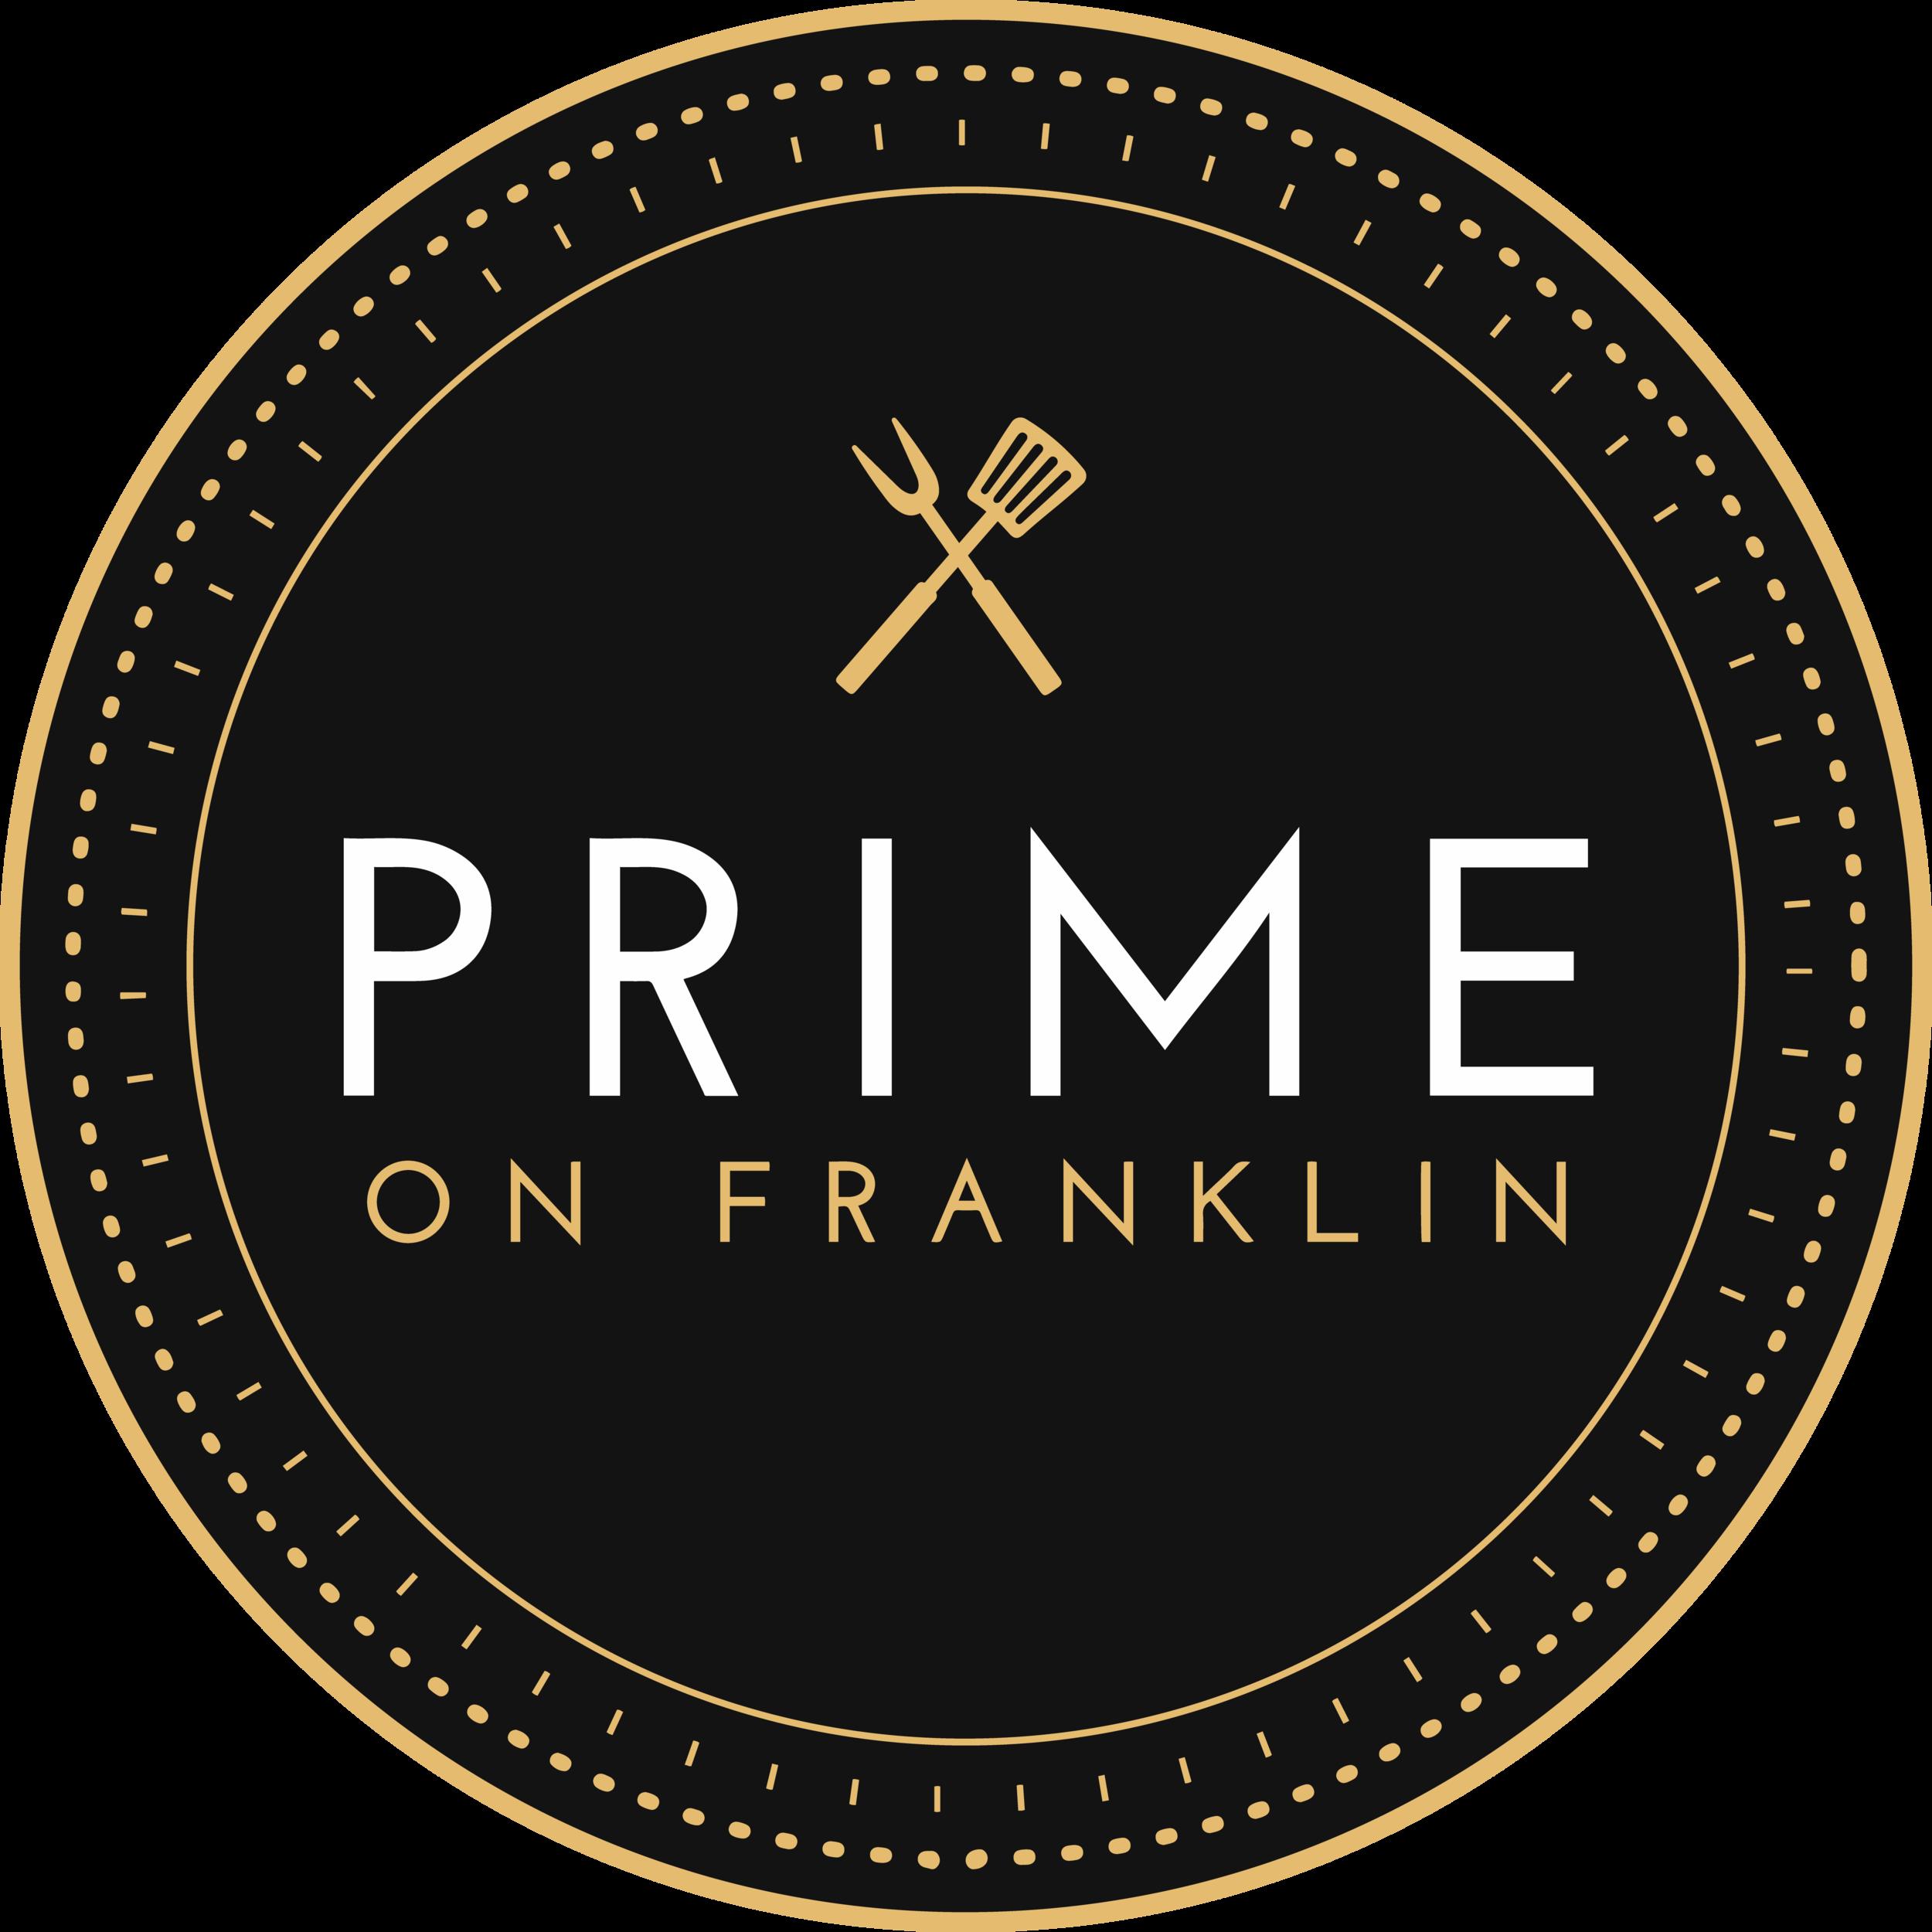 Prime on franklin